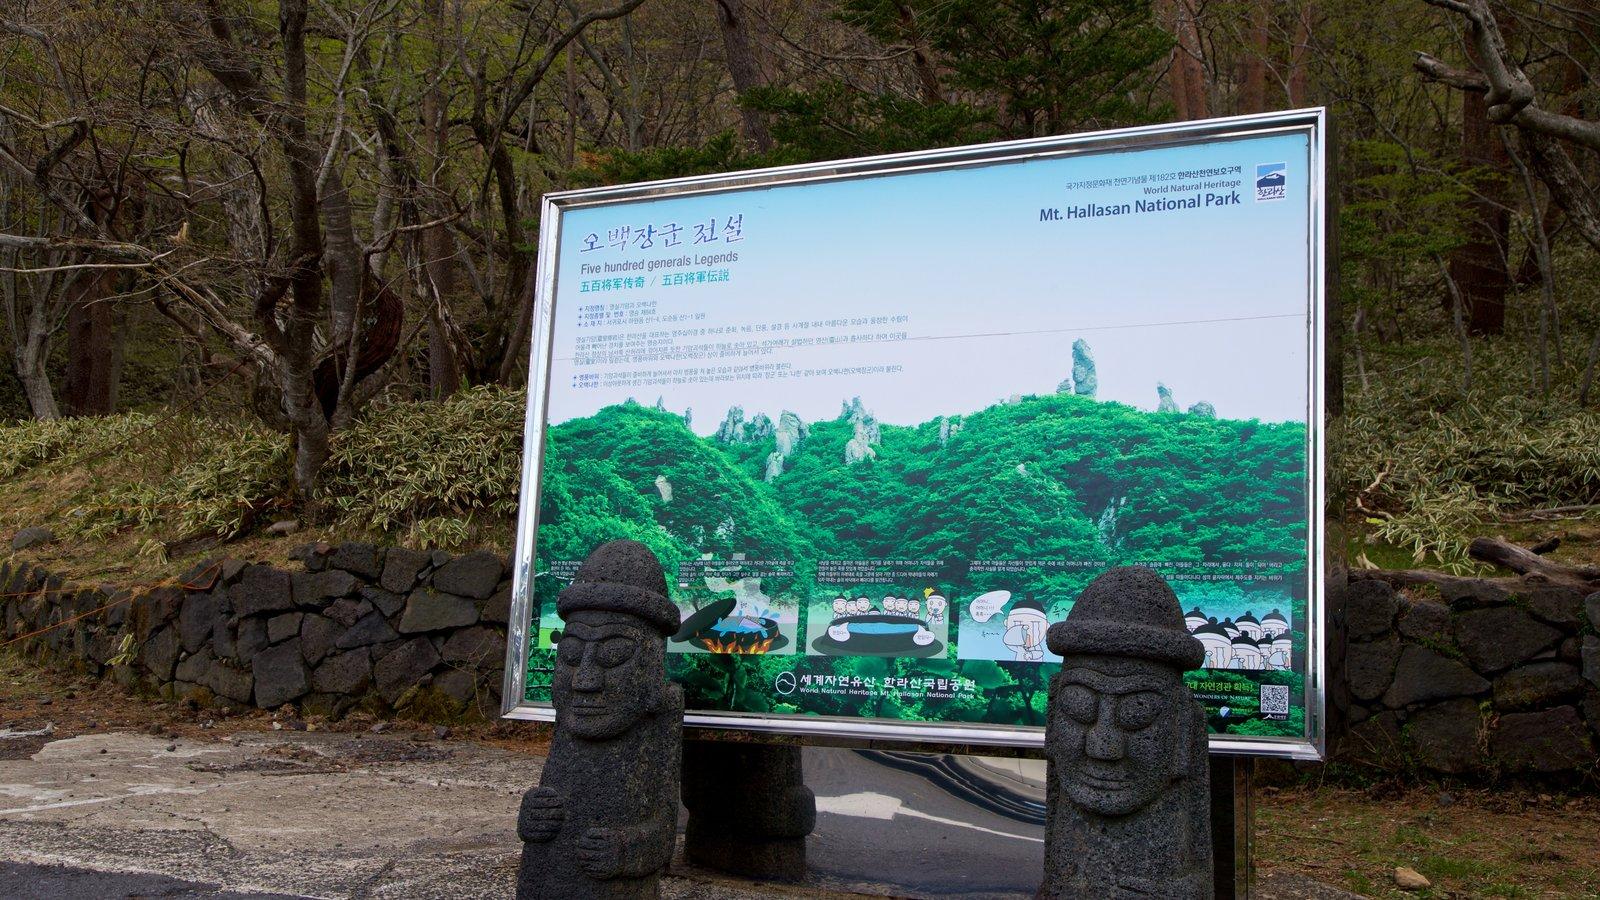 Parque Nacional de Hallasan que incluye señalización y un parque